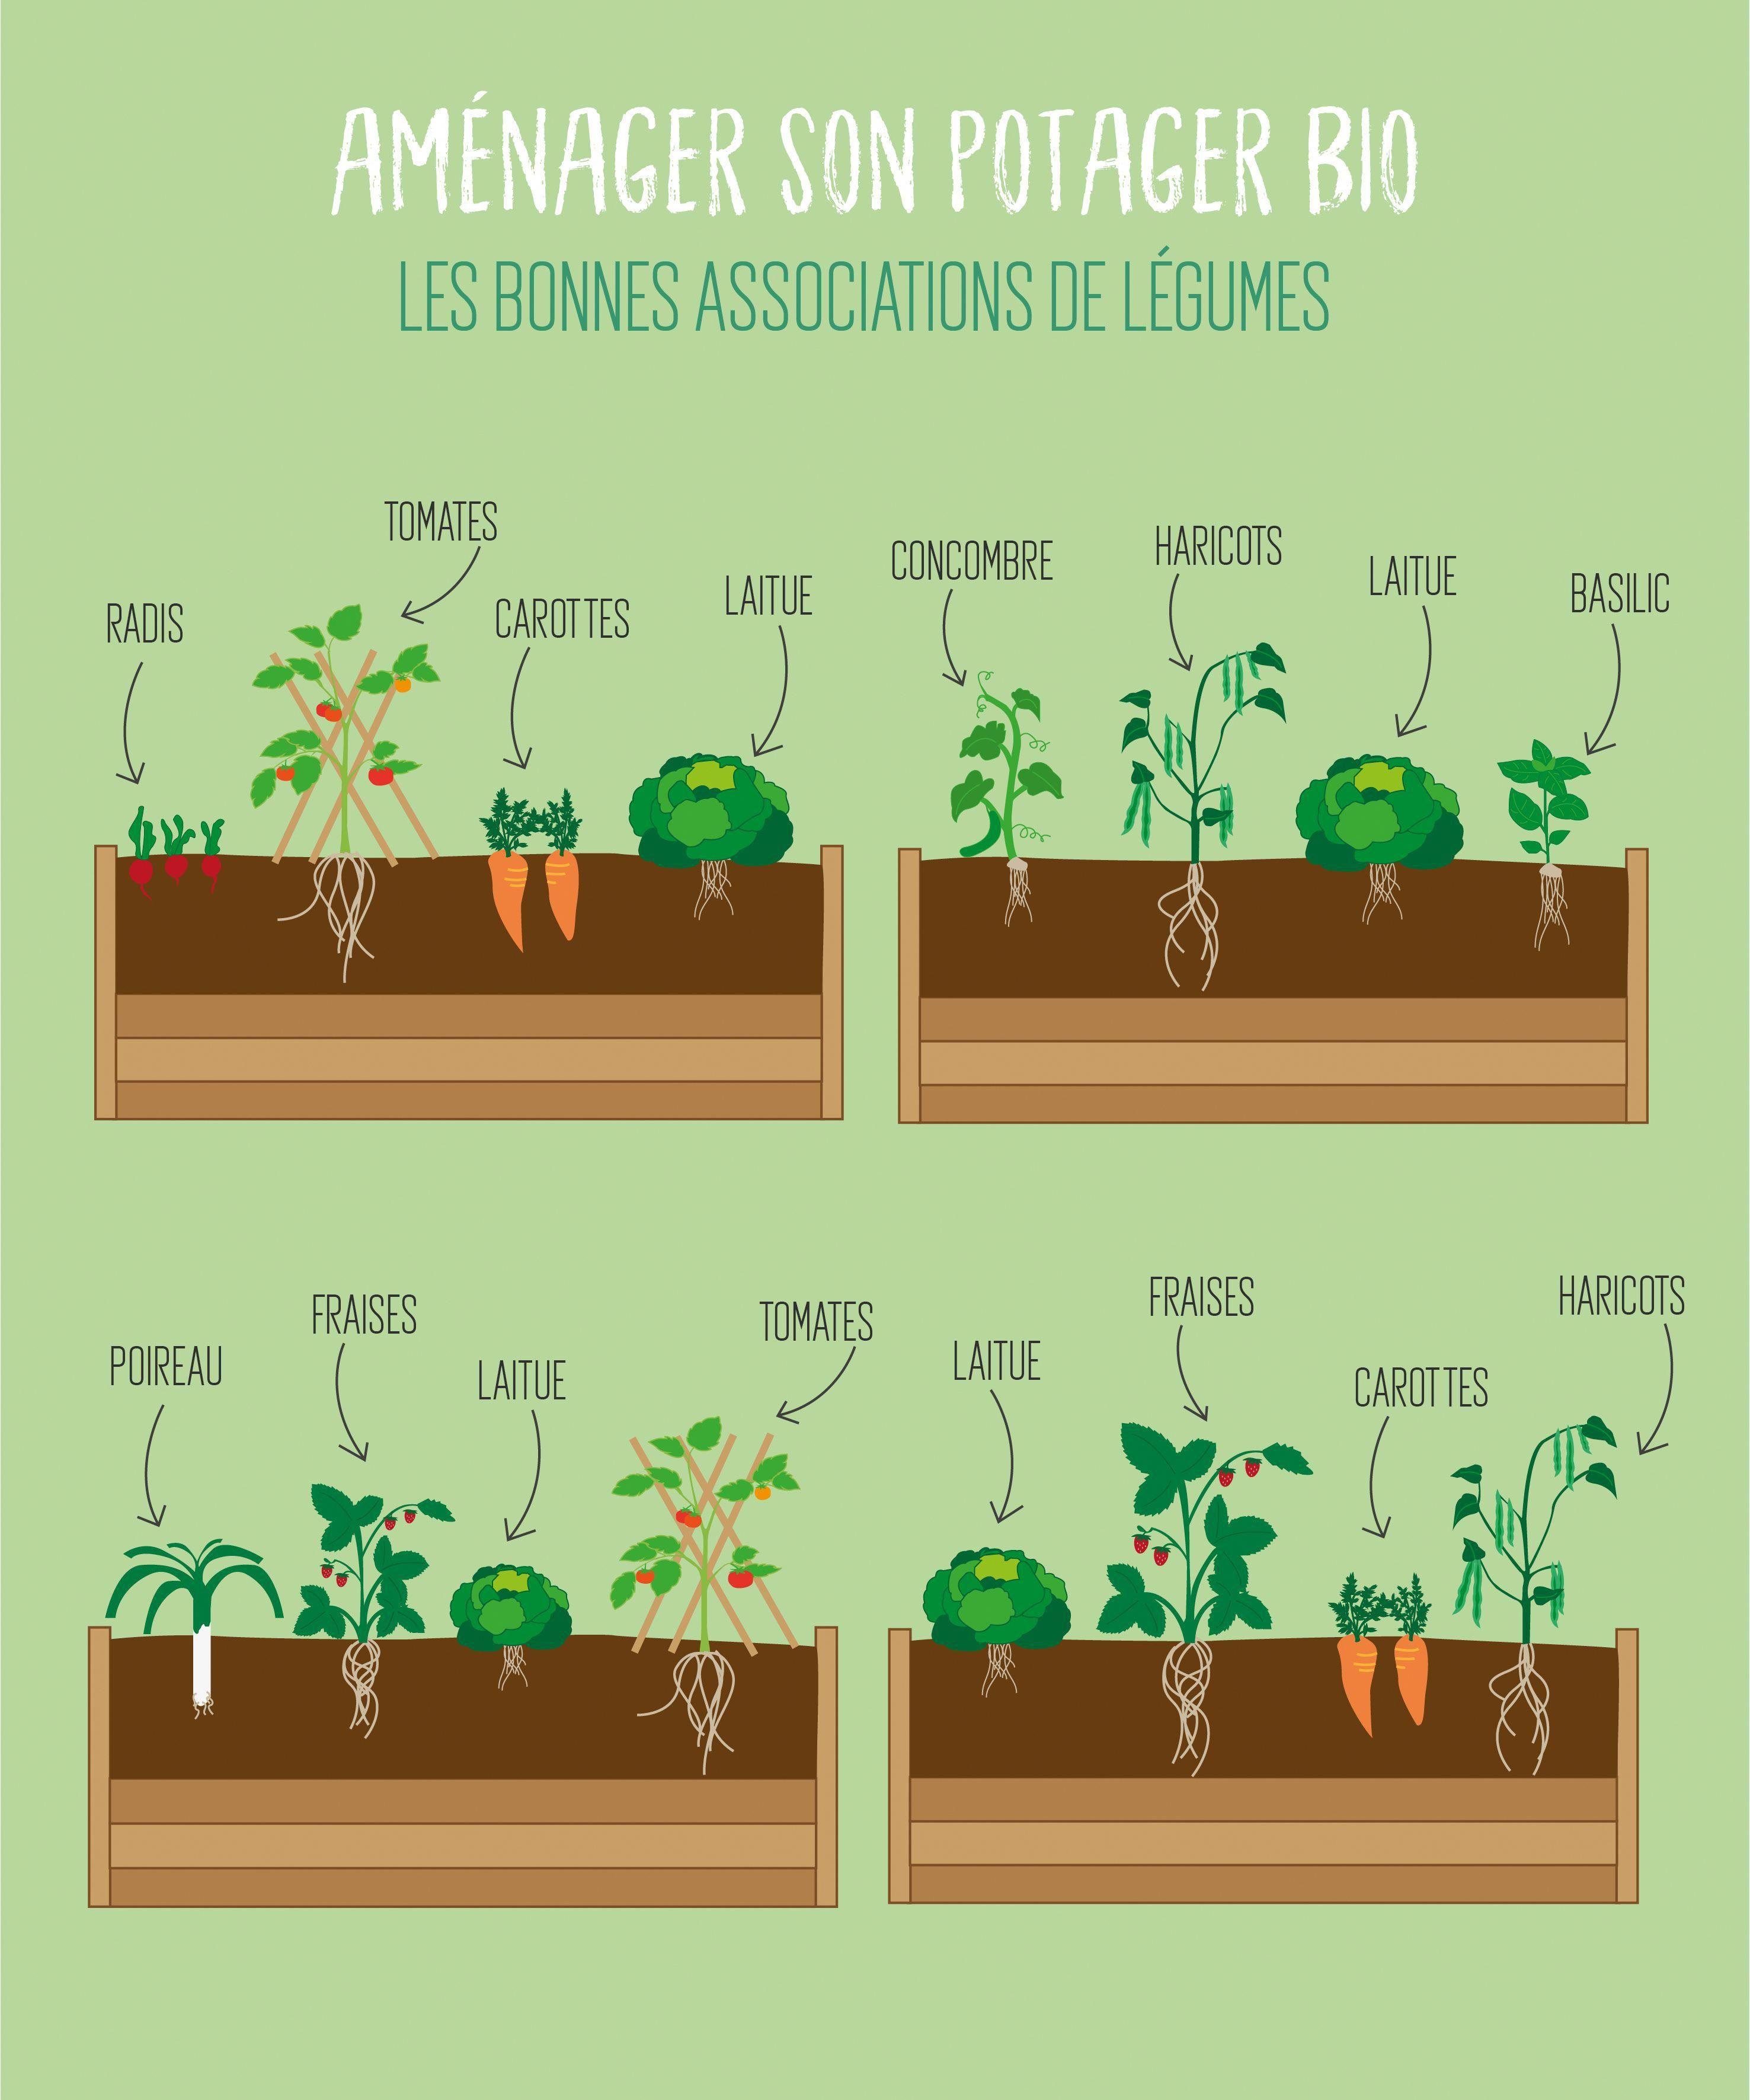 Le Secret Pour Un Potager Bio Efficace Le Cohabitation Decouvrez Les Bonnes Associations De Legumes Amis Et De Plantes C Potager Bio Potager Jardin Potager